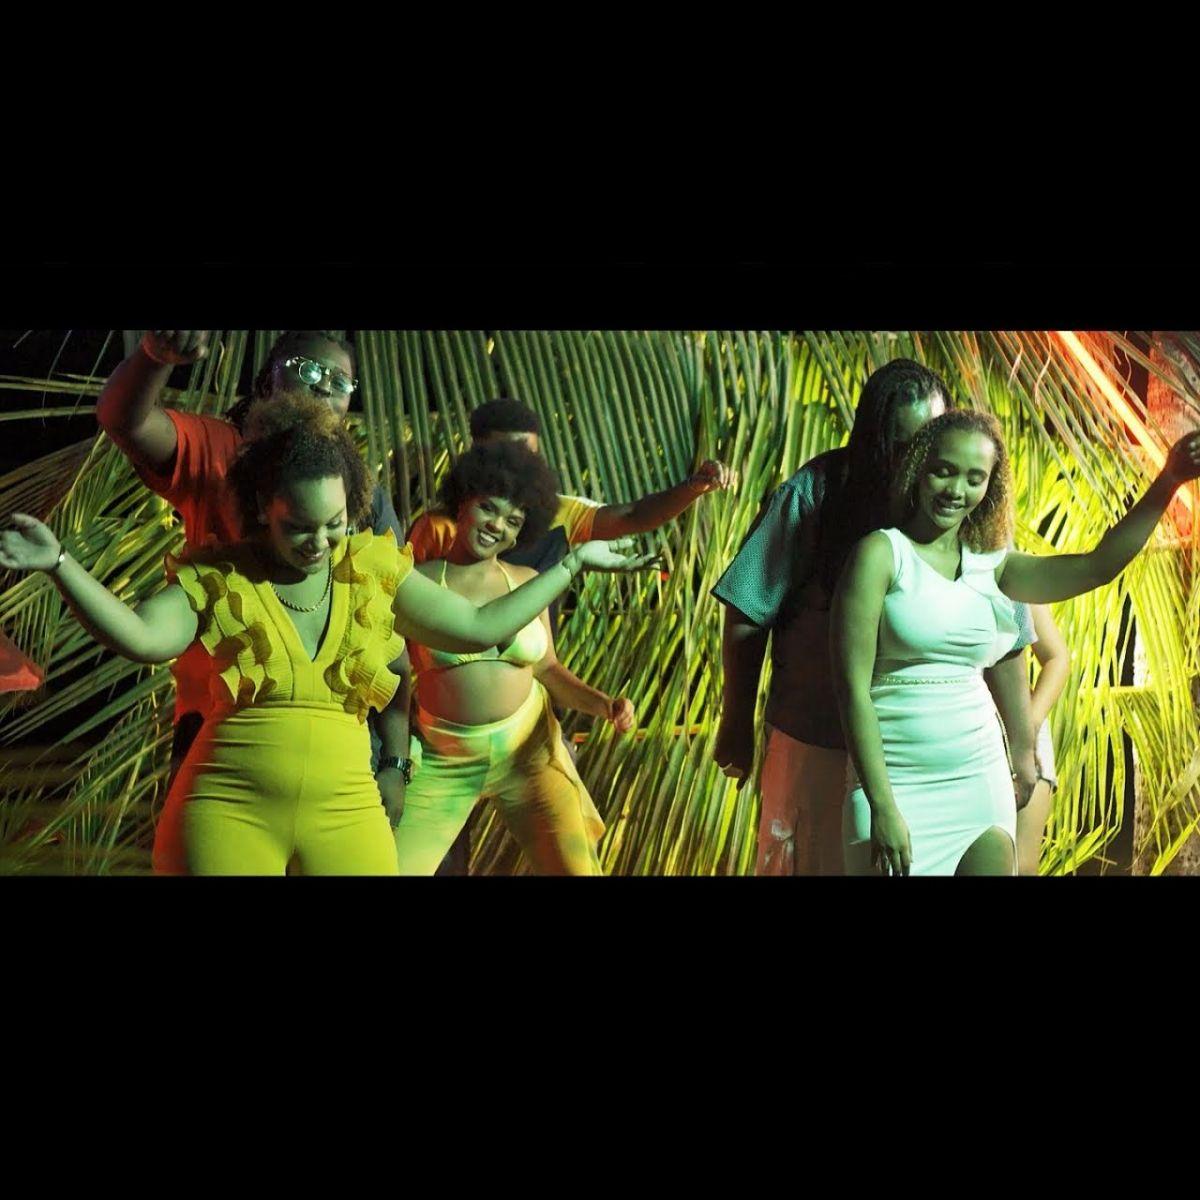 Naamix - Boum boum (Remix) (ft. Blicassty) (Thumbnail)